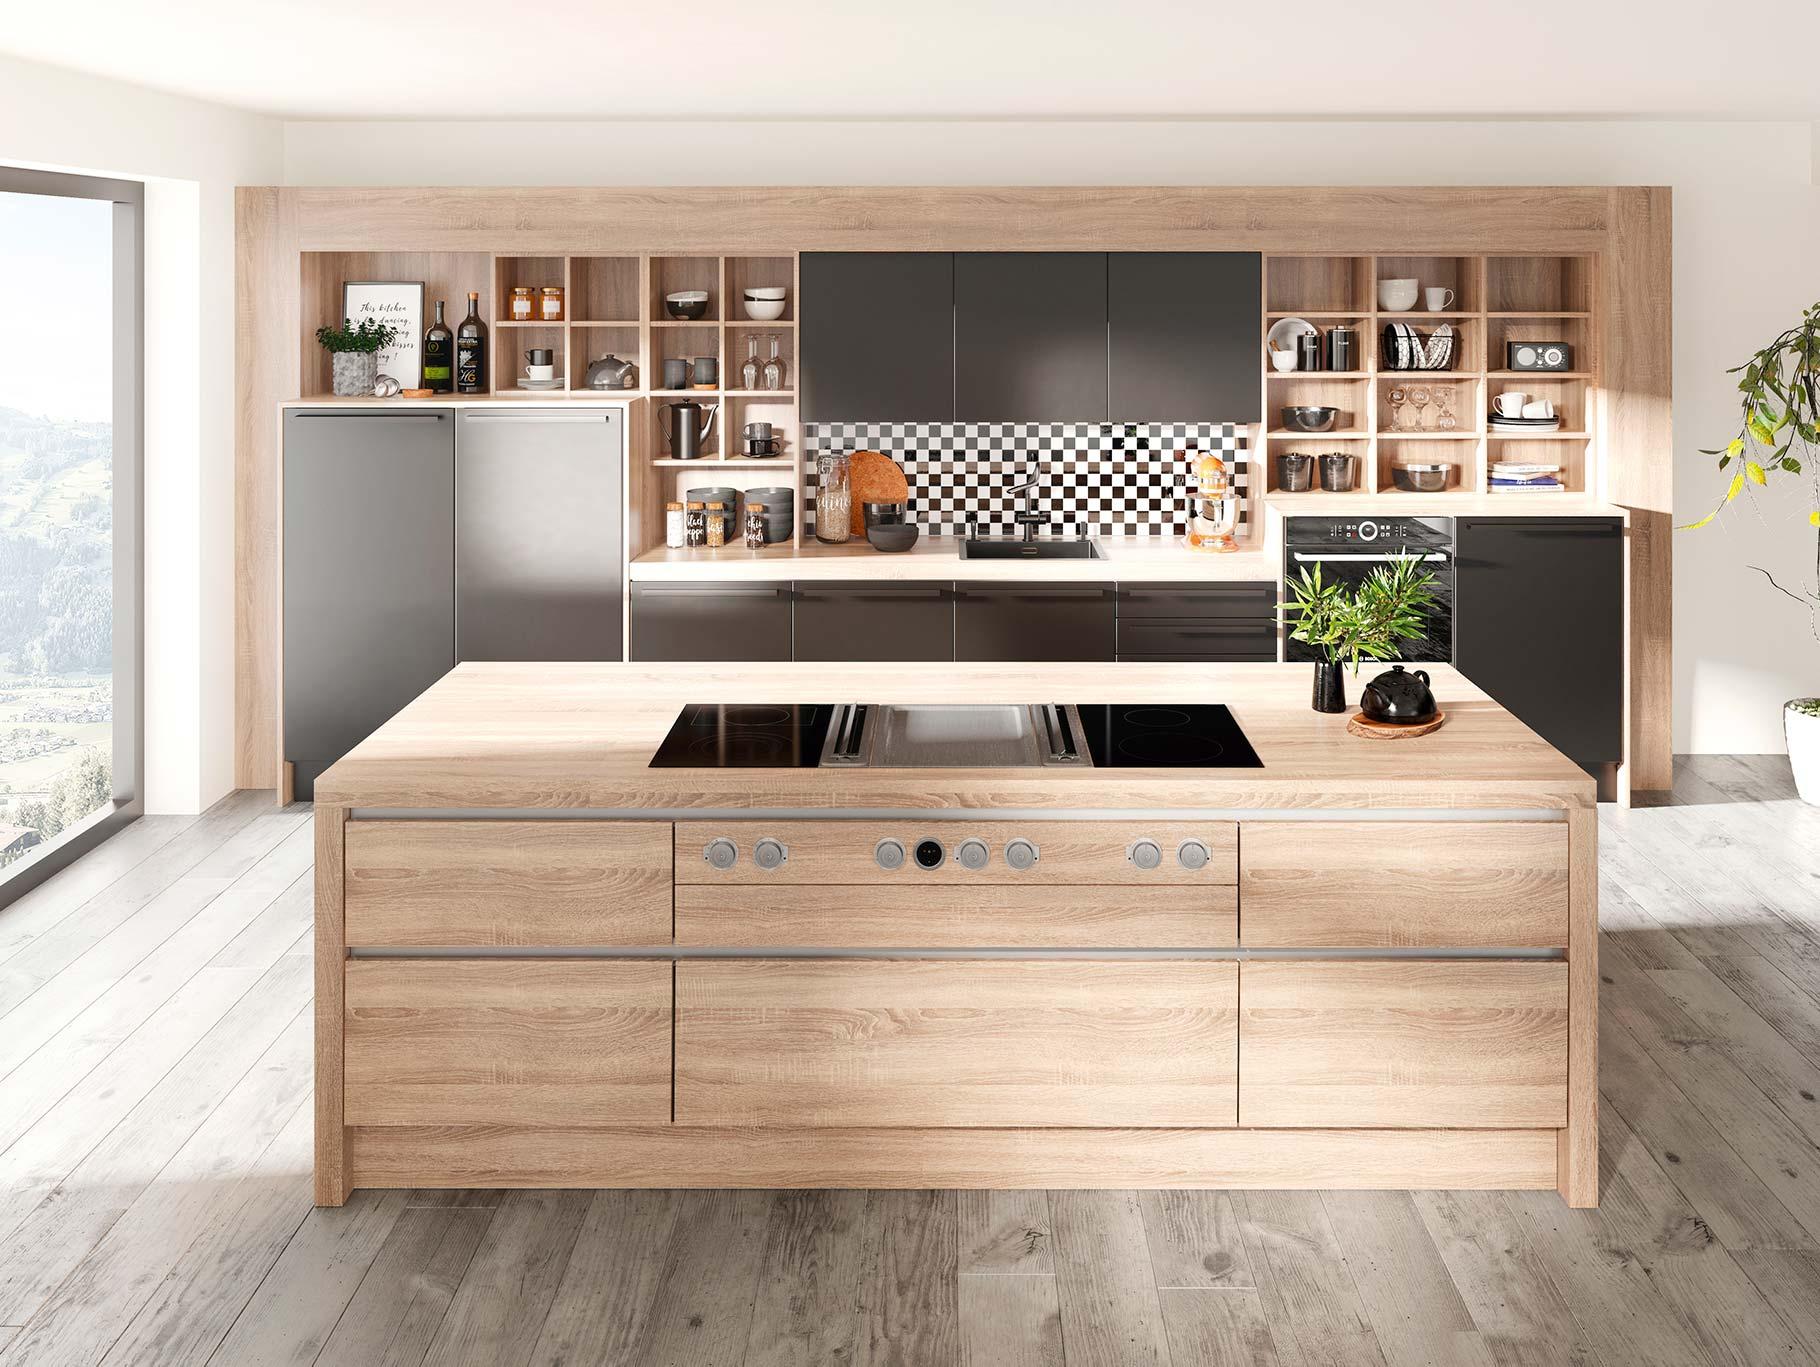 Full Size of Küche Eiche Hell Modern Küche Eiche Hell Streichen Küche Eiche Hell Welche Wandfarbe Arbeitsplatte Küche Eiche Hell Küche Küche Eiche Hell